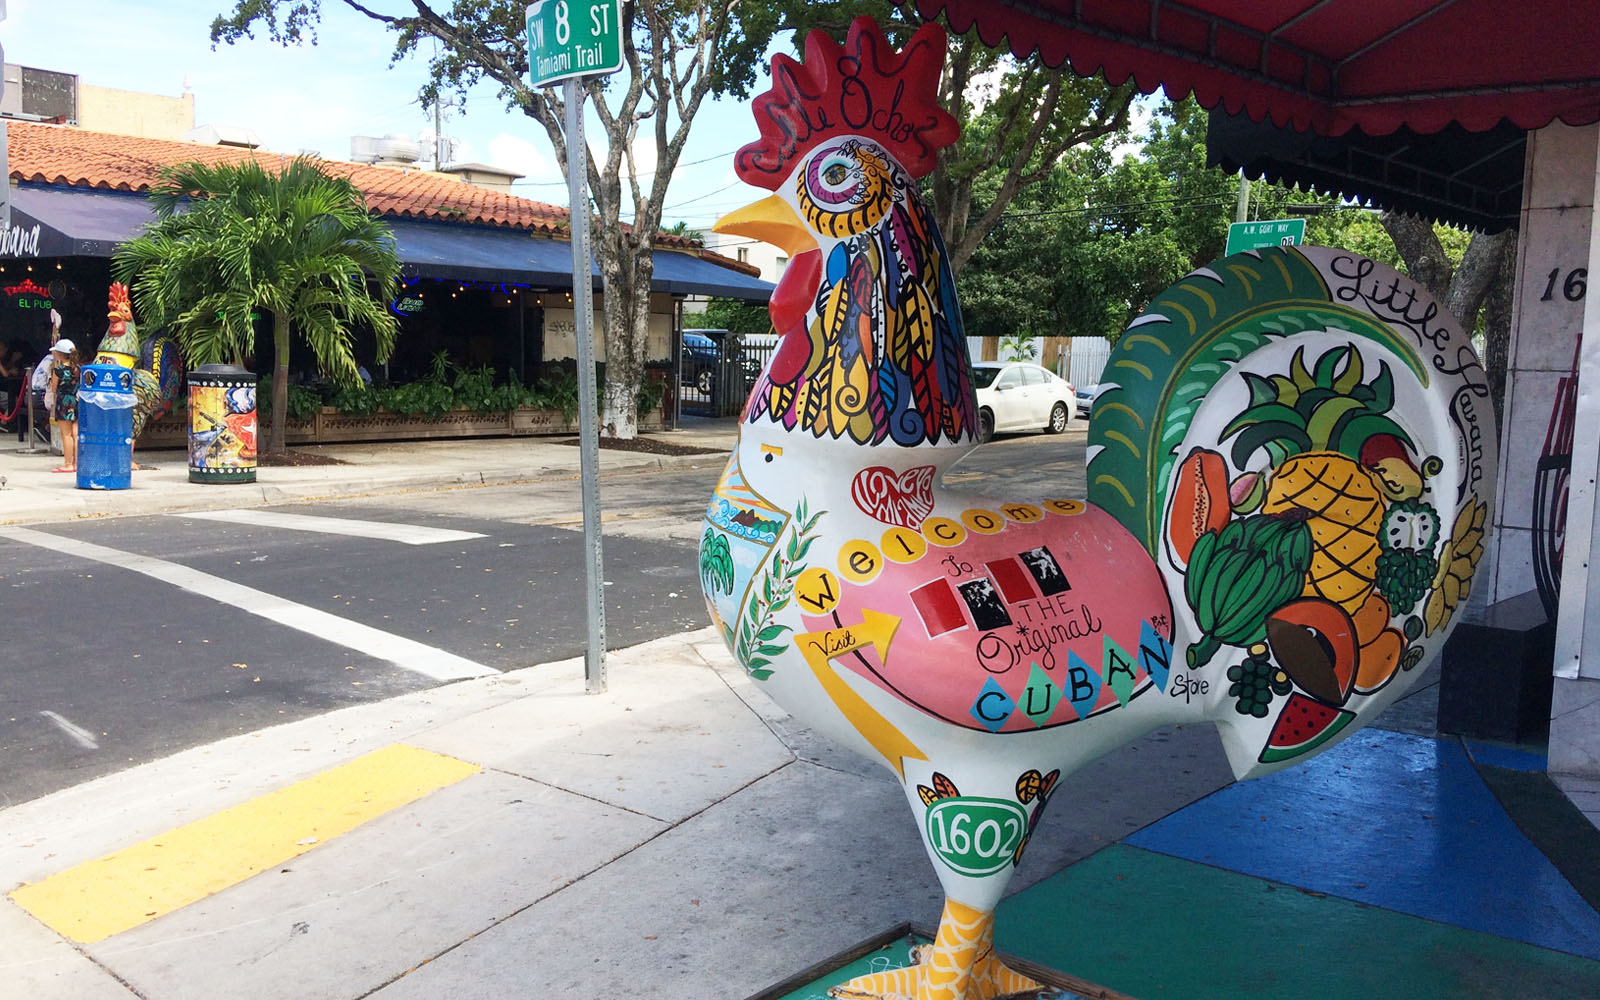 Un gallo dipinto, uno dei simboli di Cuba, a Little Havana, a Miami.